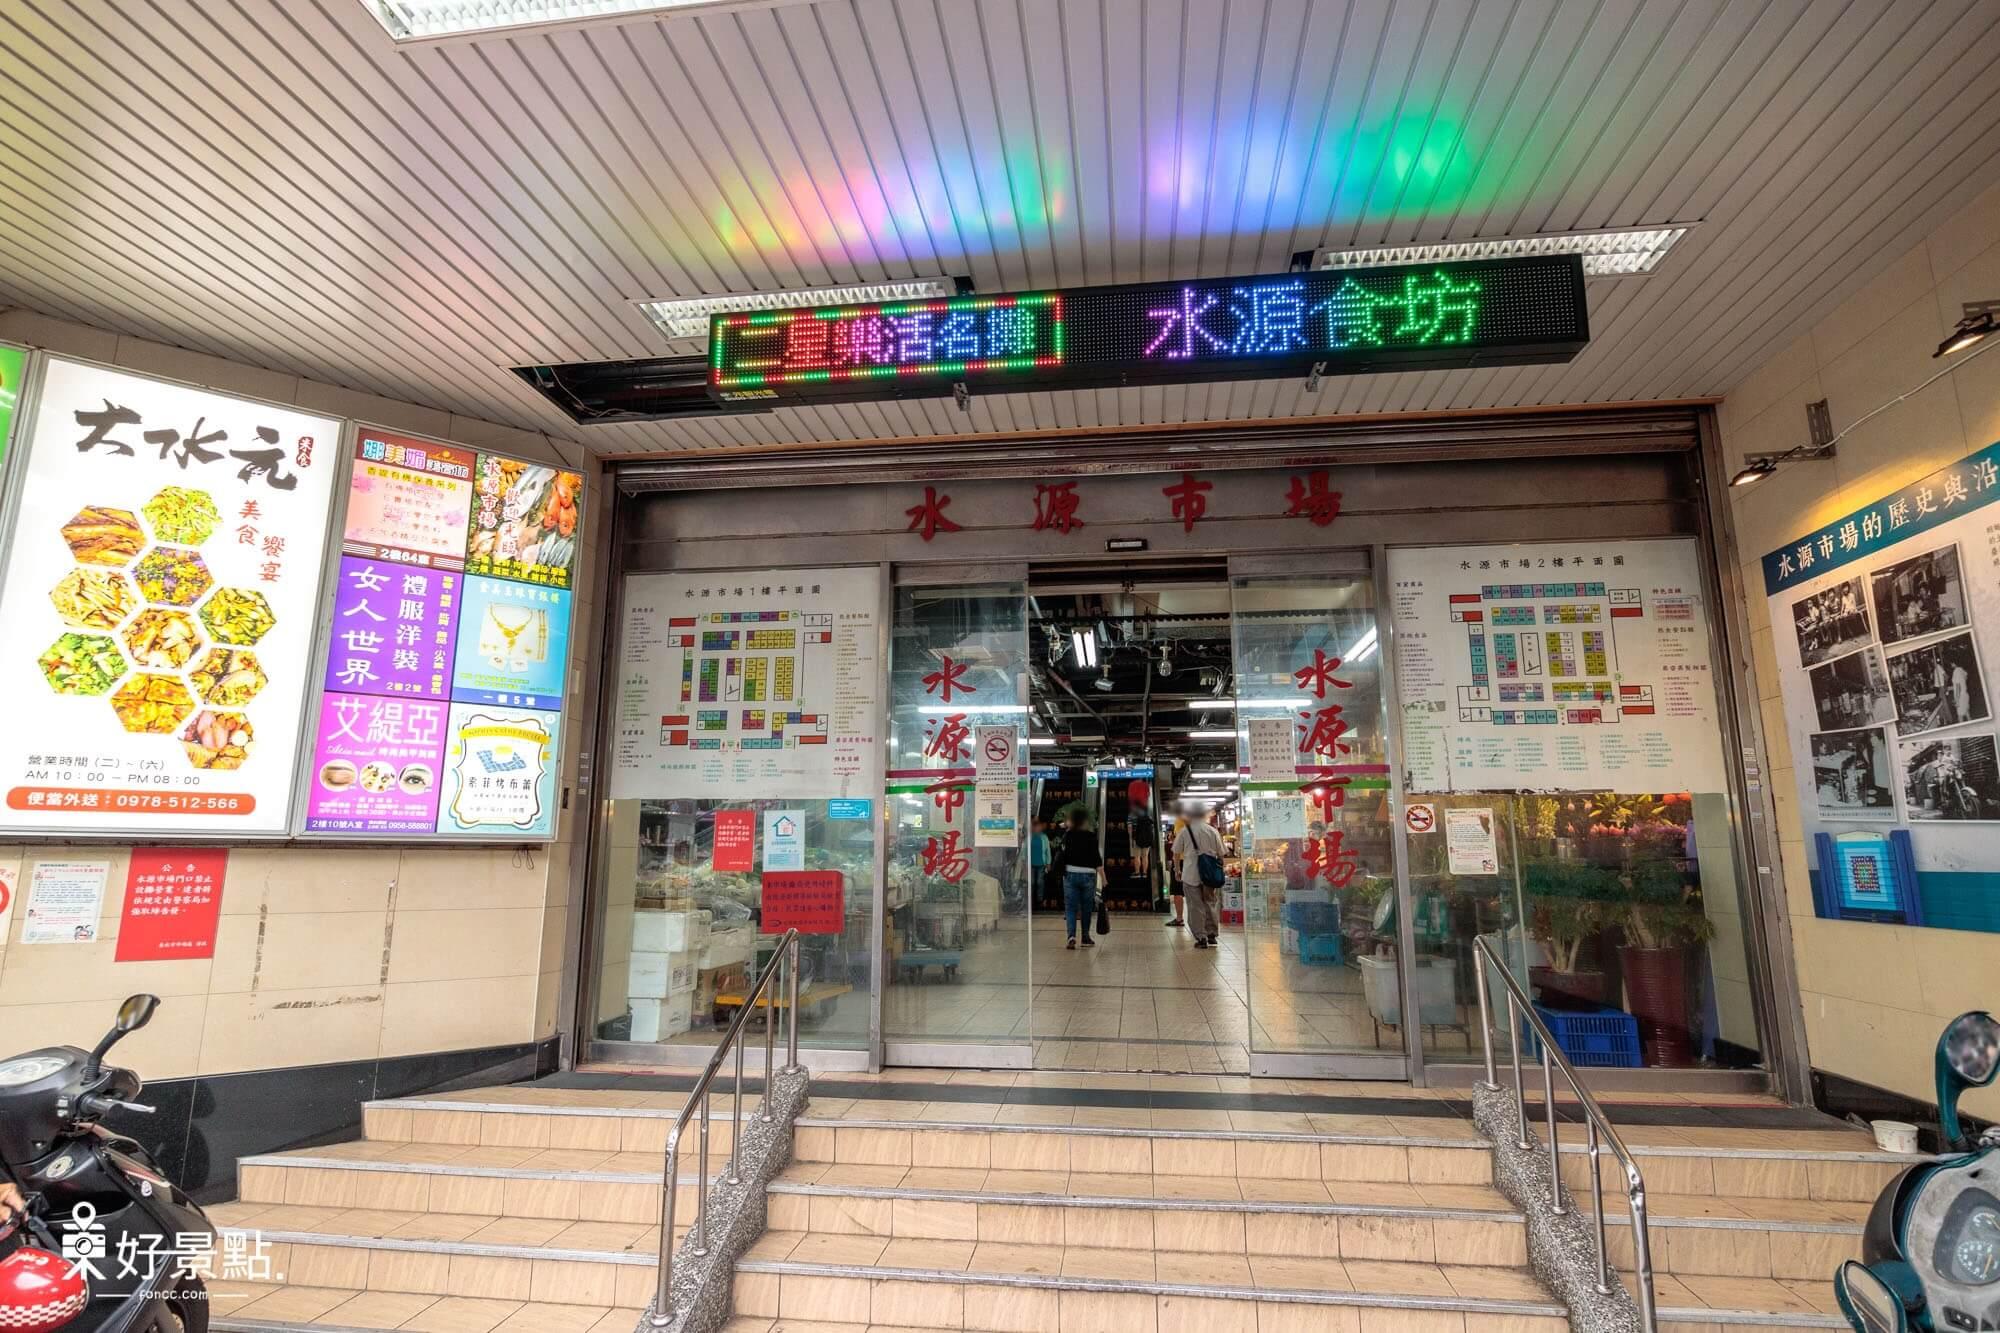 |台北。中正|水源市場-IG打卡熱點_蔚藍色外牆超好拍